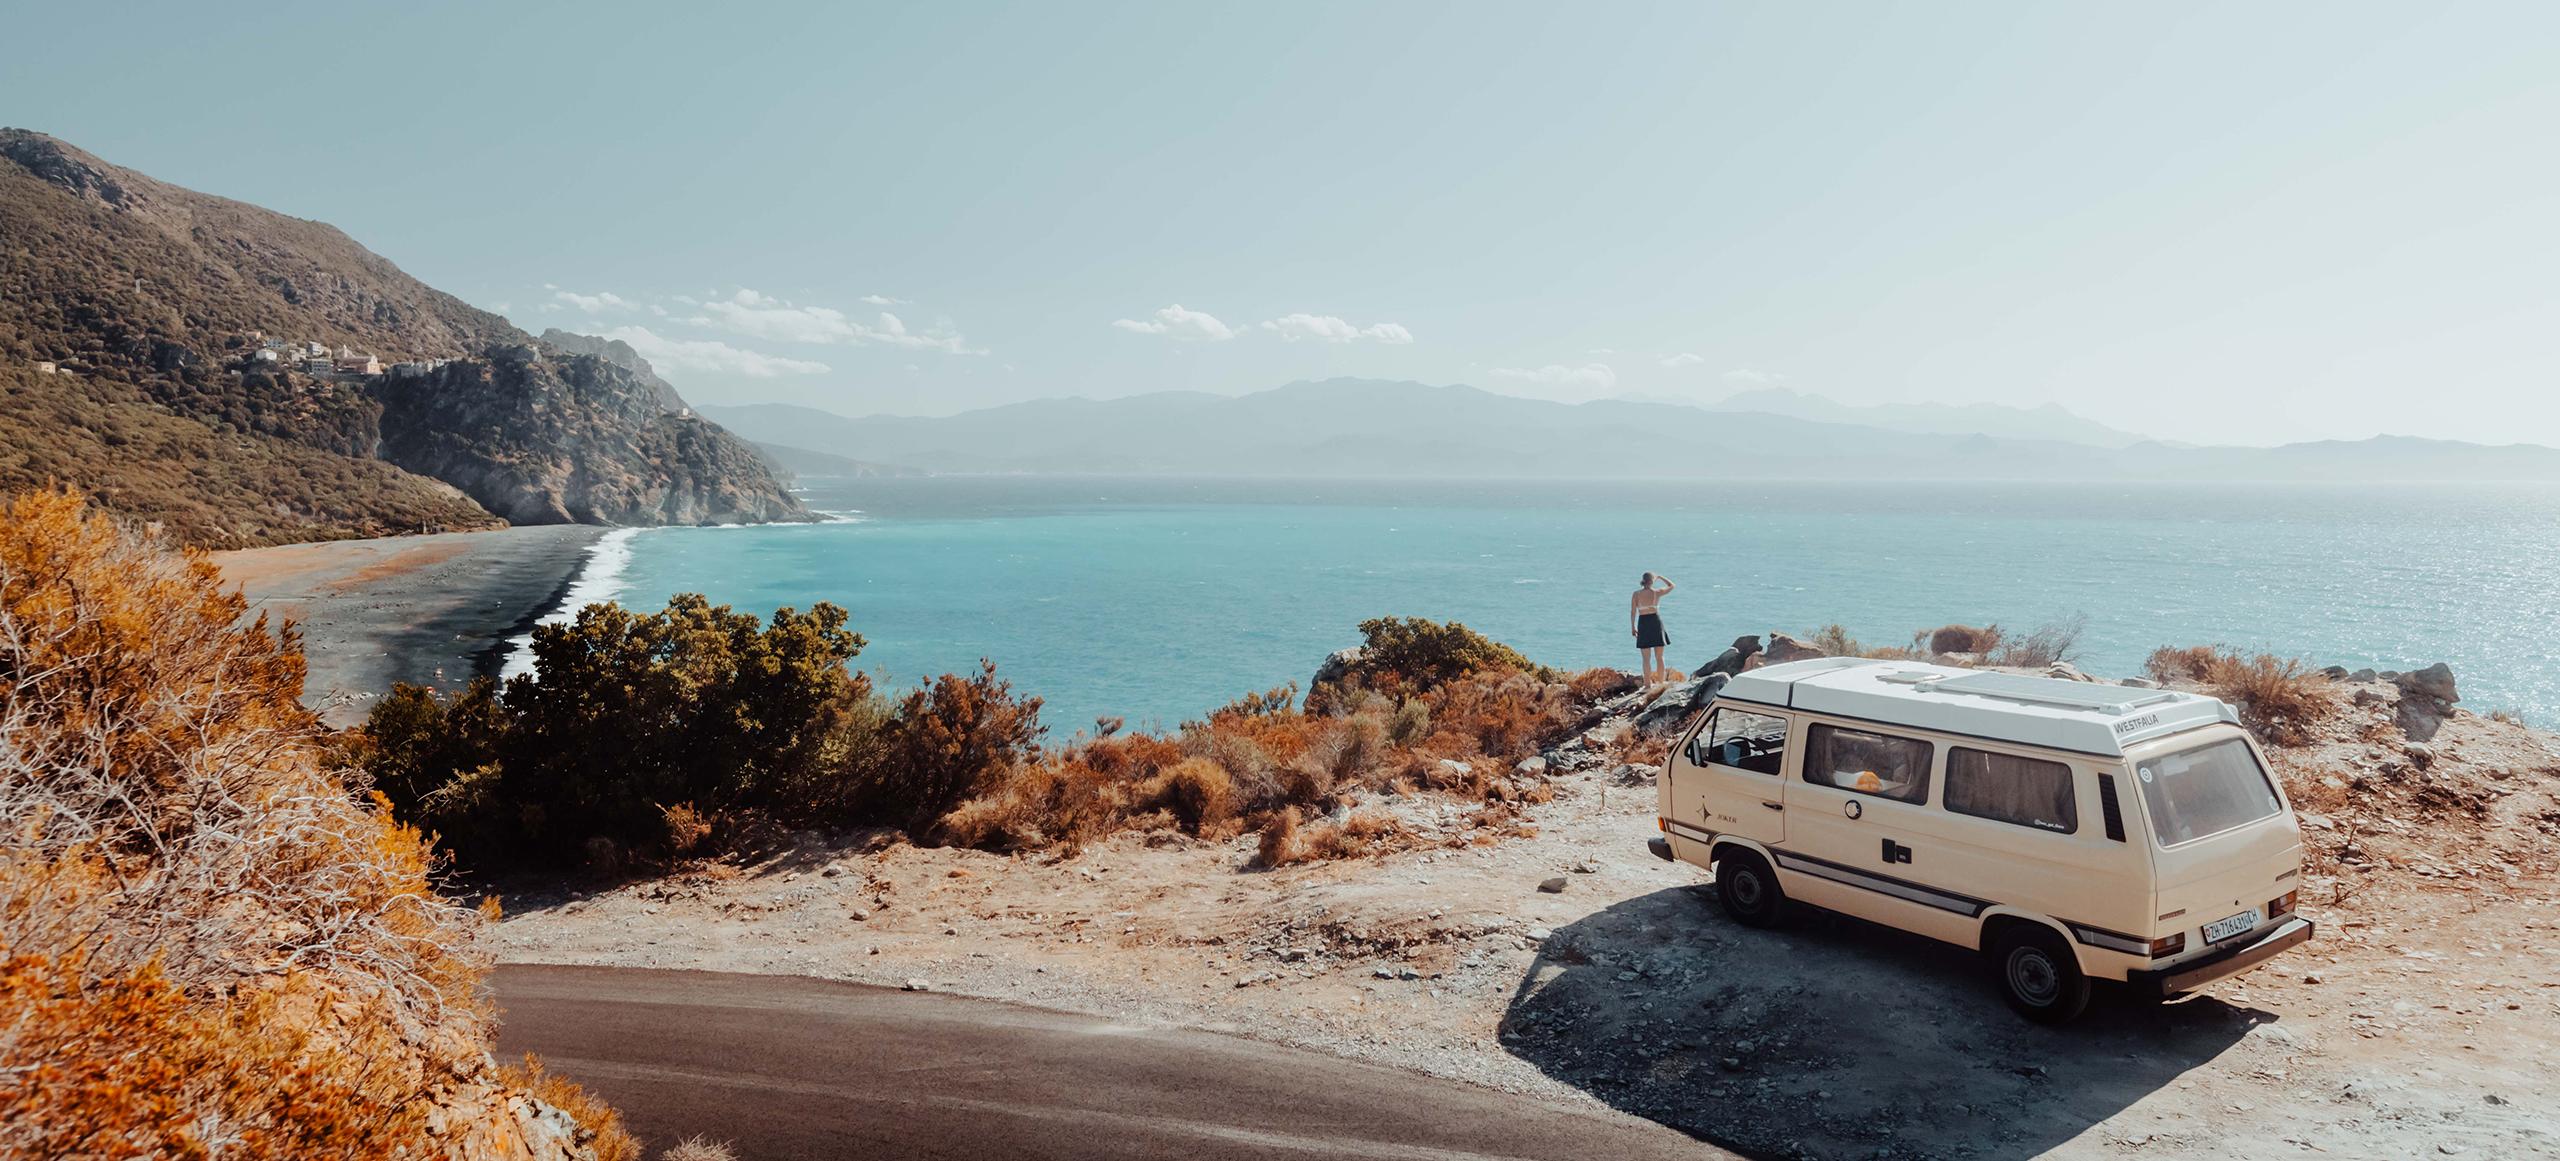 Insel der Schönheit – mit dem VW T3 rund um Korsika